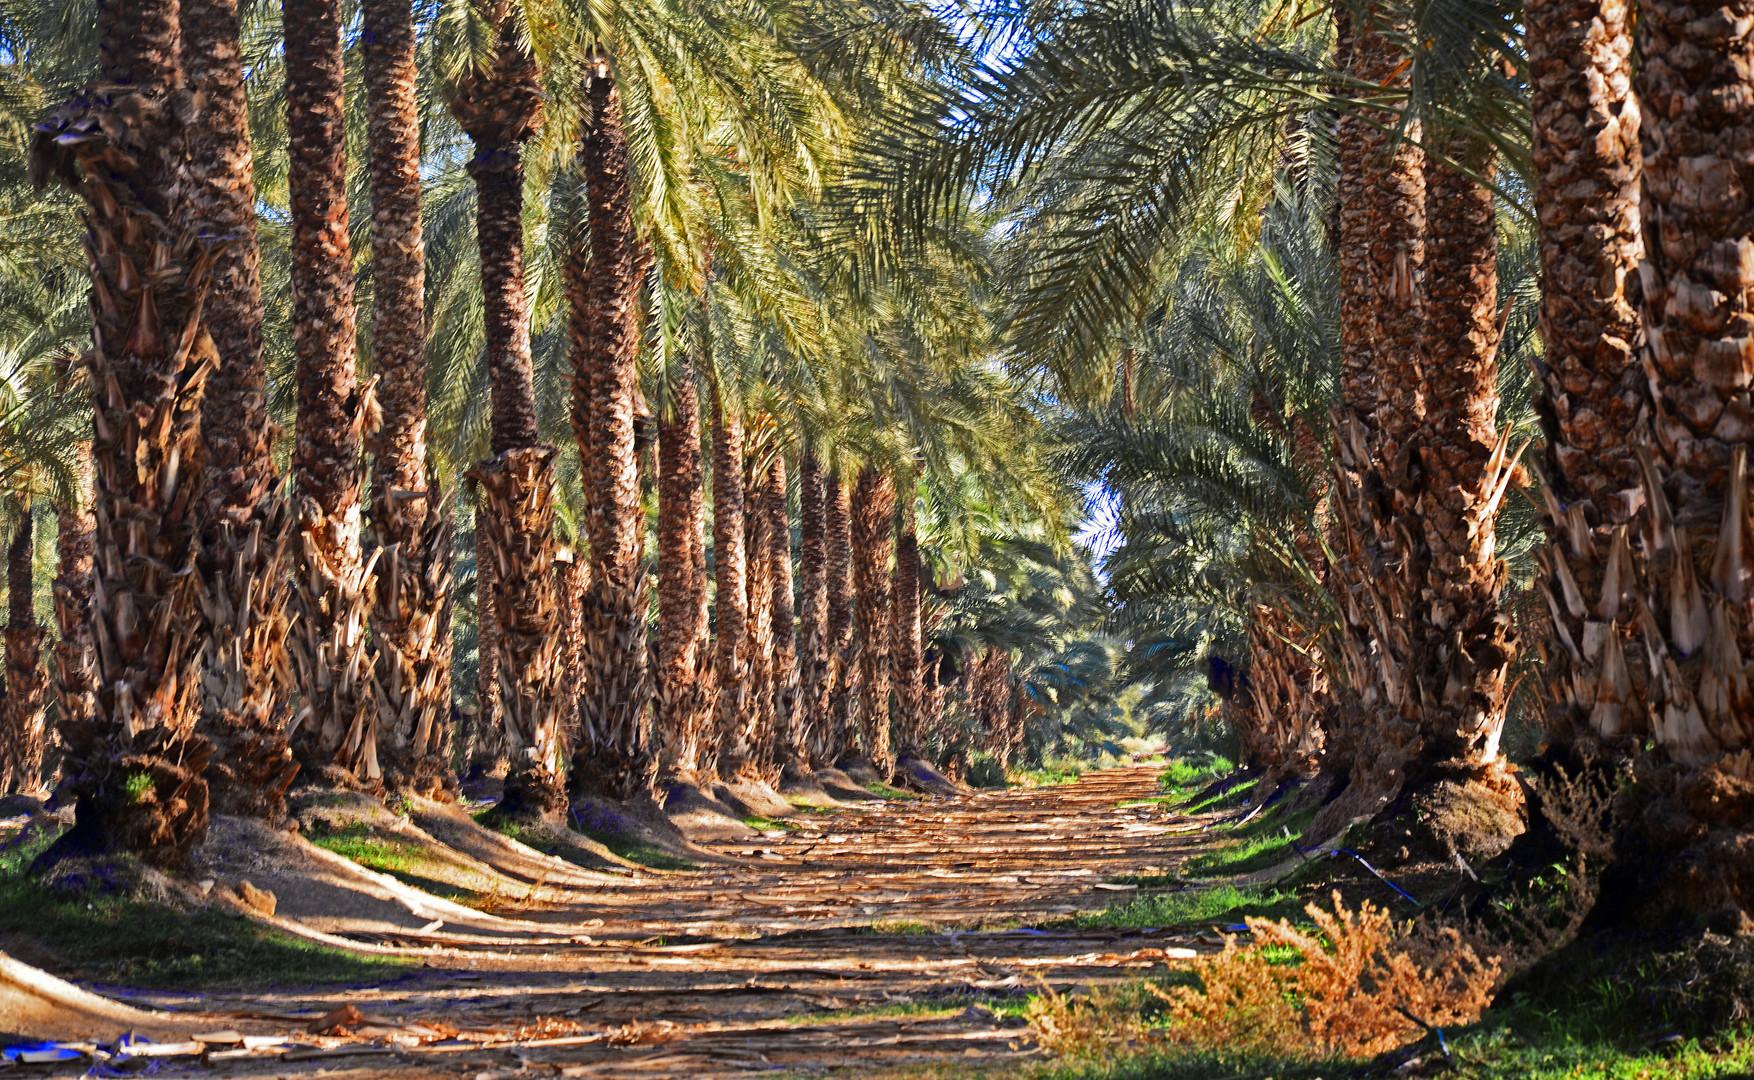 riesige Dattelpalmenplantage mitten in der Wüste Judäas ...